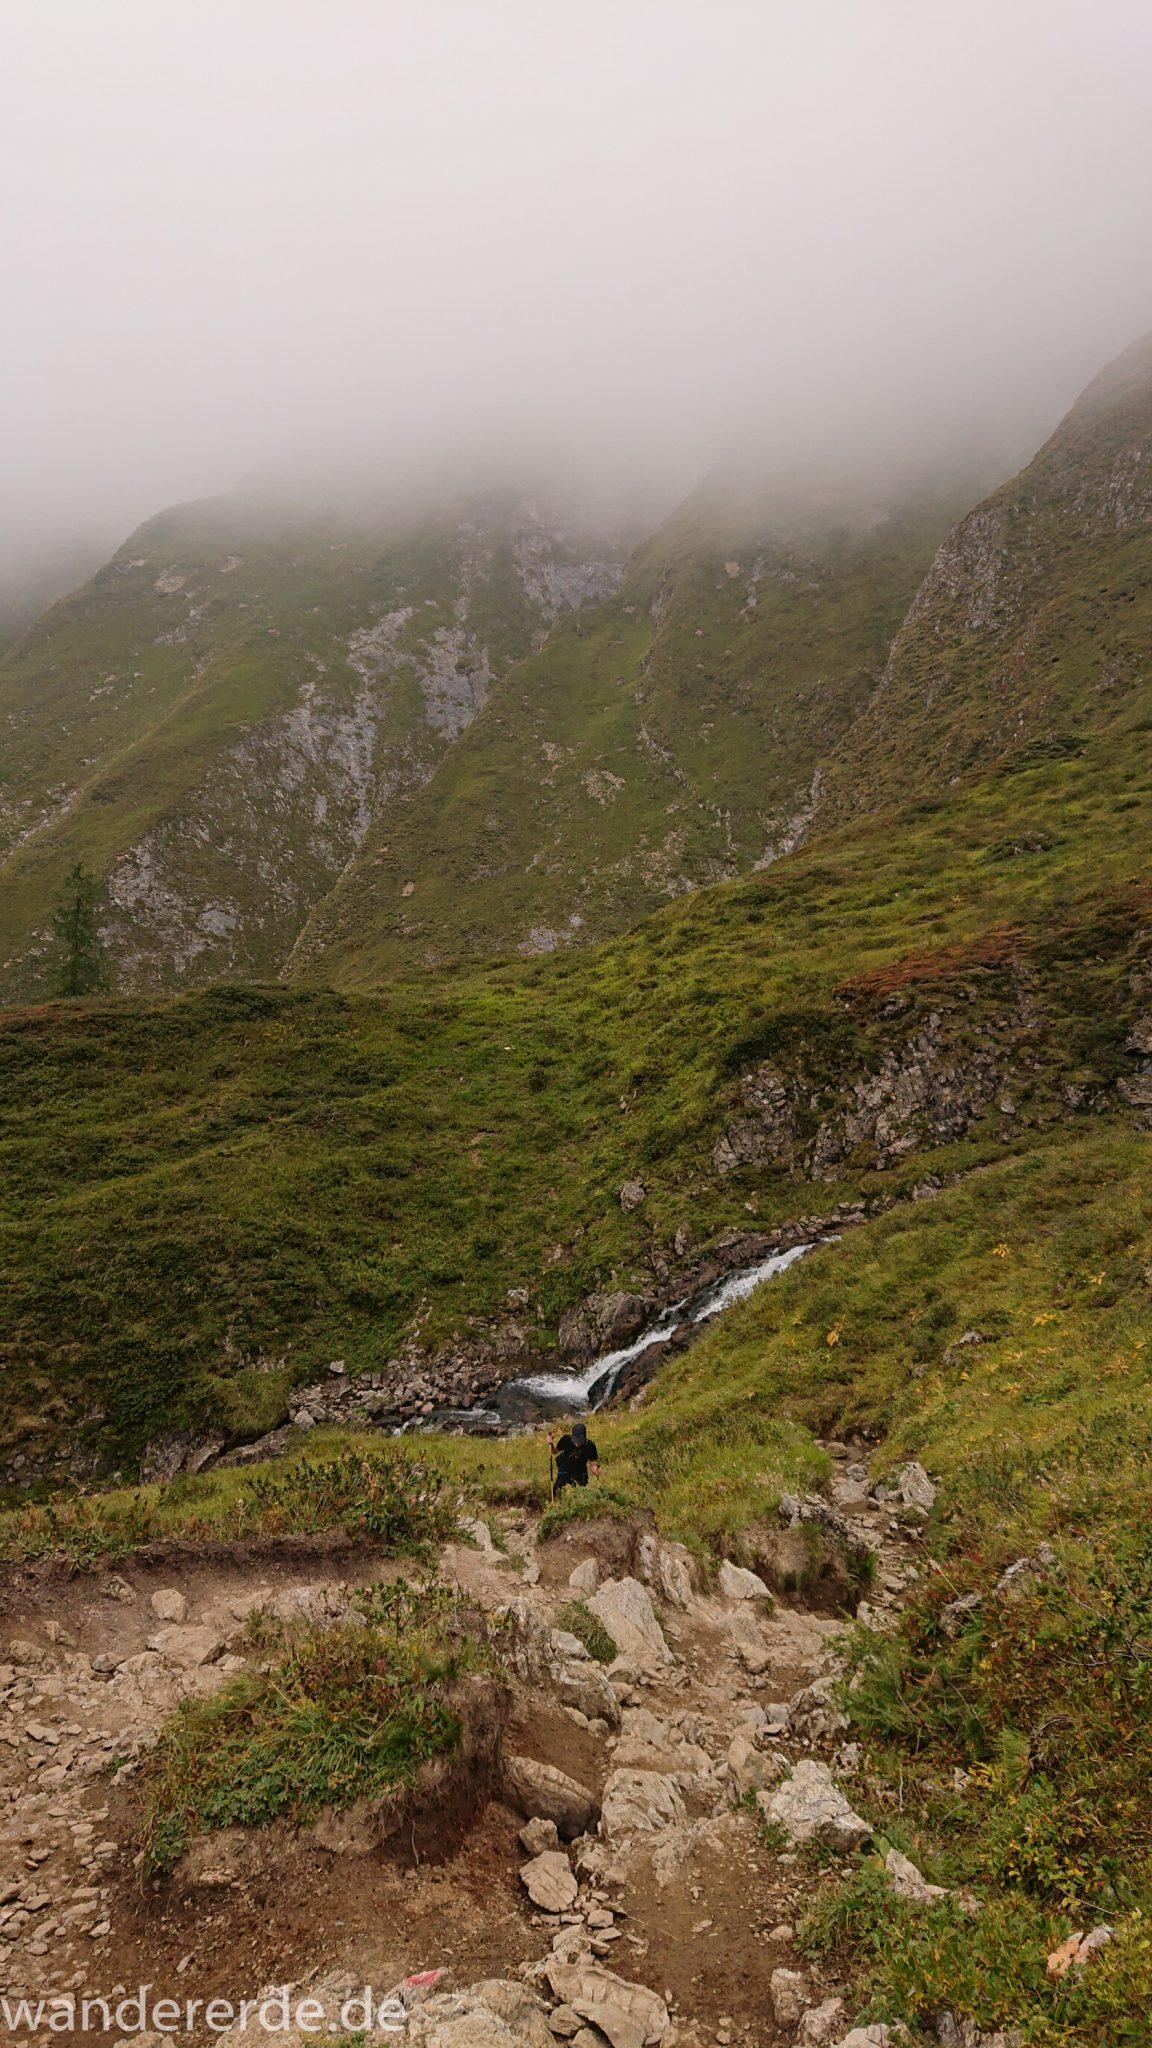 Alpenüberquerung Fernwanderweg E5 Oberstdorf Meran, 2. Etappe von Kemptner Hütte zur Memminger Hütte, schöner abwechslungsreicher und schmaler Wanderweg führt über Stock und Stein ab der Materialseilbahn der Memminger Hütte zunächst mäßig, dann steiler bergauf zur Memminger Hütte, ab schönem Wasserfall wird Wegverlauf steiler, umgeben von beeindruckenden Bergen und rundum schöner Aussicht, am späteren Nachmittag werden Berge langsam von aufziehenden Wolken verhangen, Wanderer nimmt steilen Anstieg in Angriff